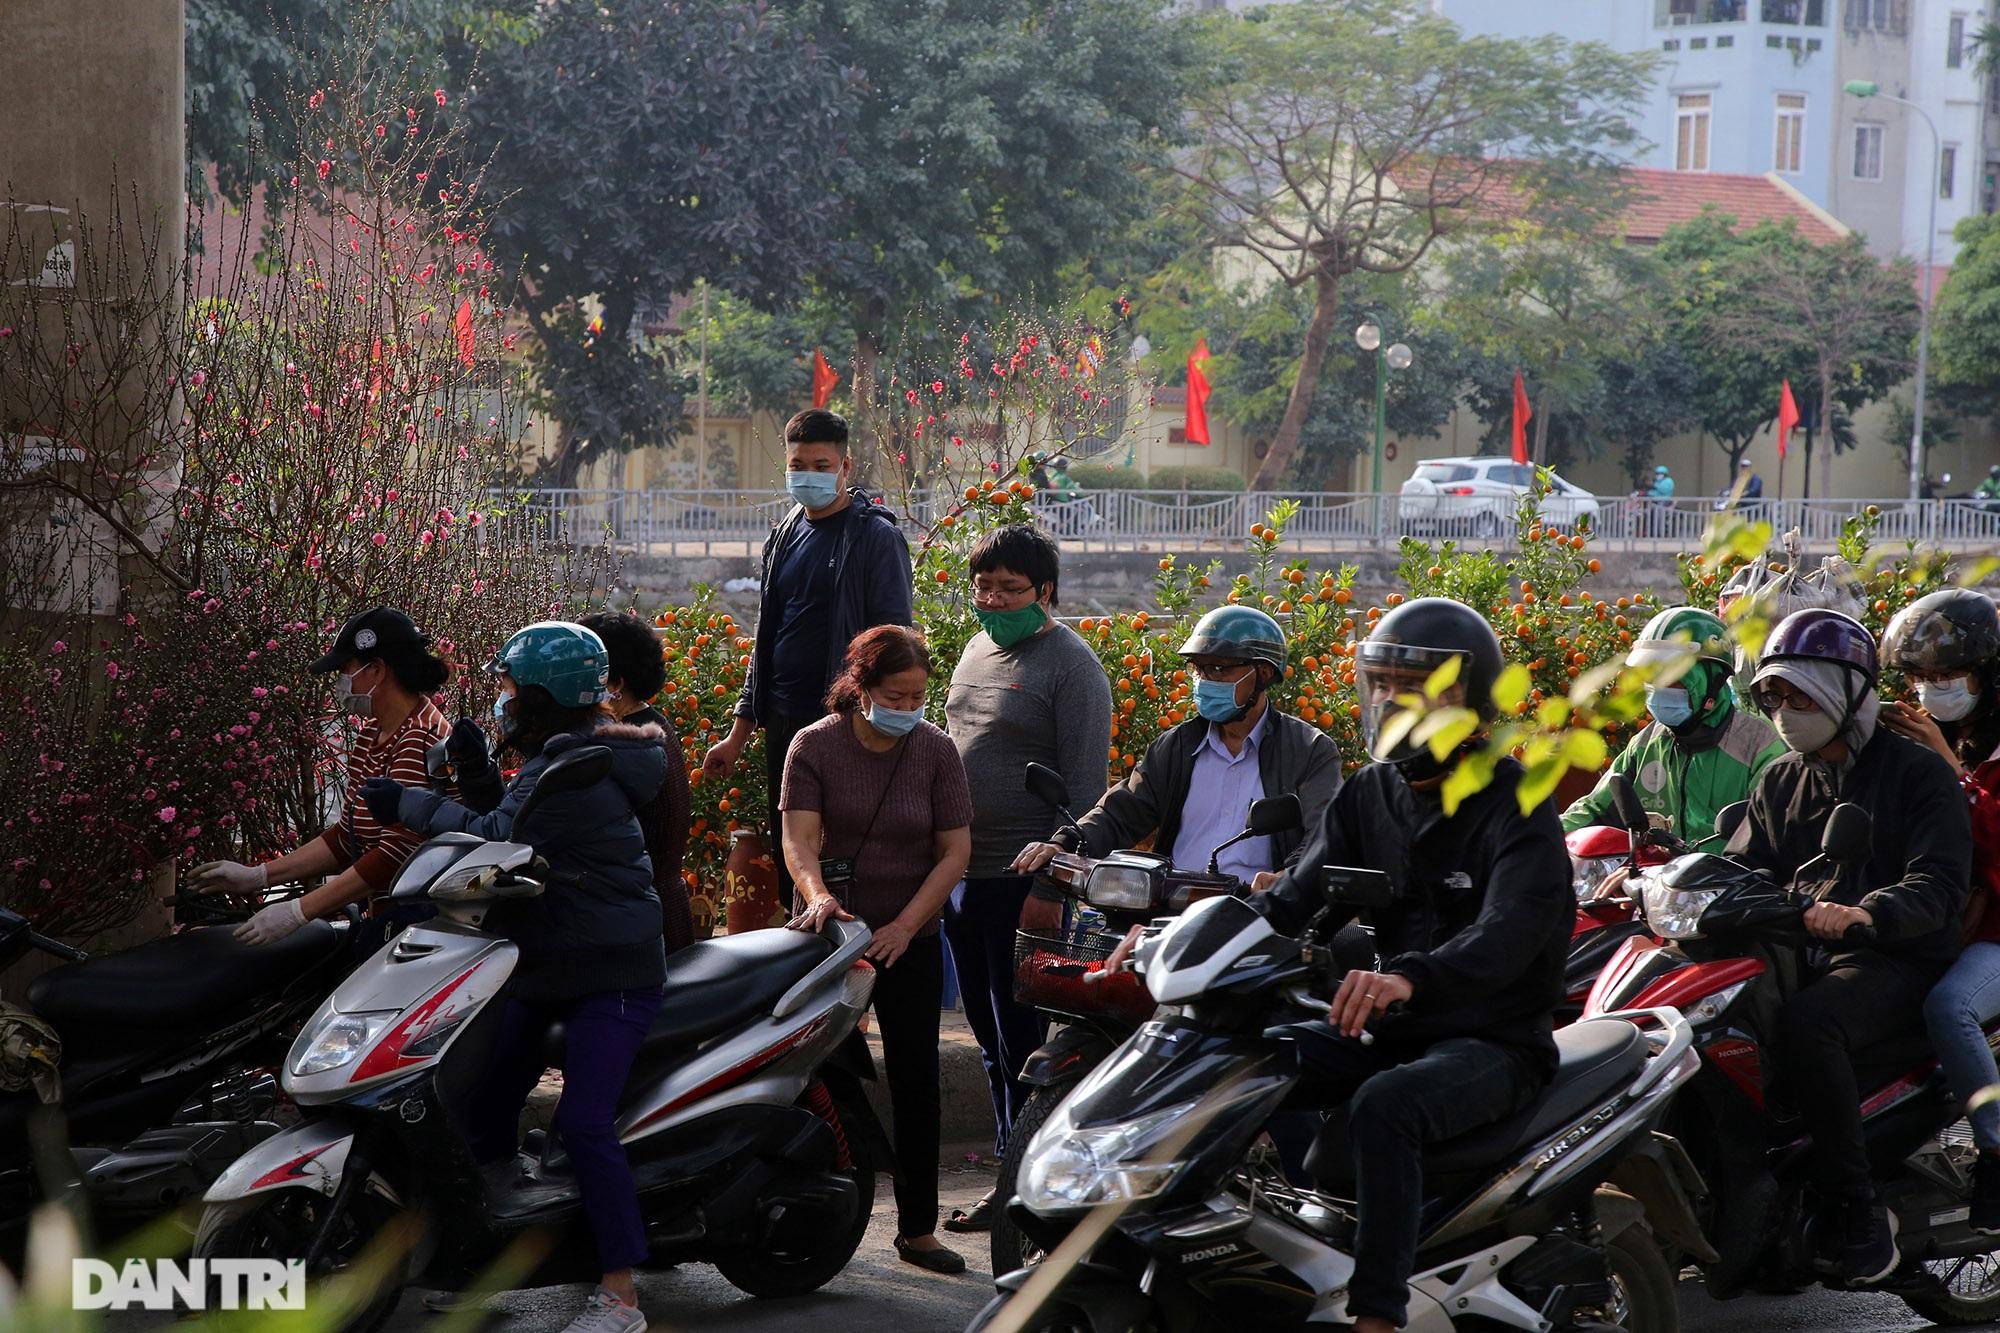 Chợ hoa bày bán trên đường phố Hà Nội đông khách bất chấp dịch Covid-19 - 1